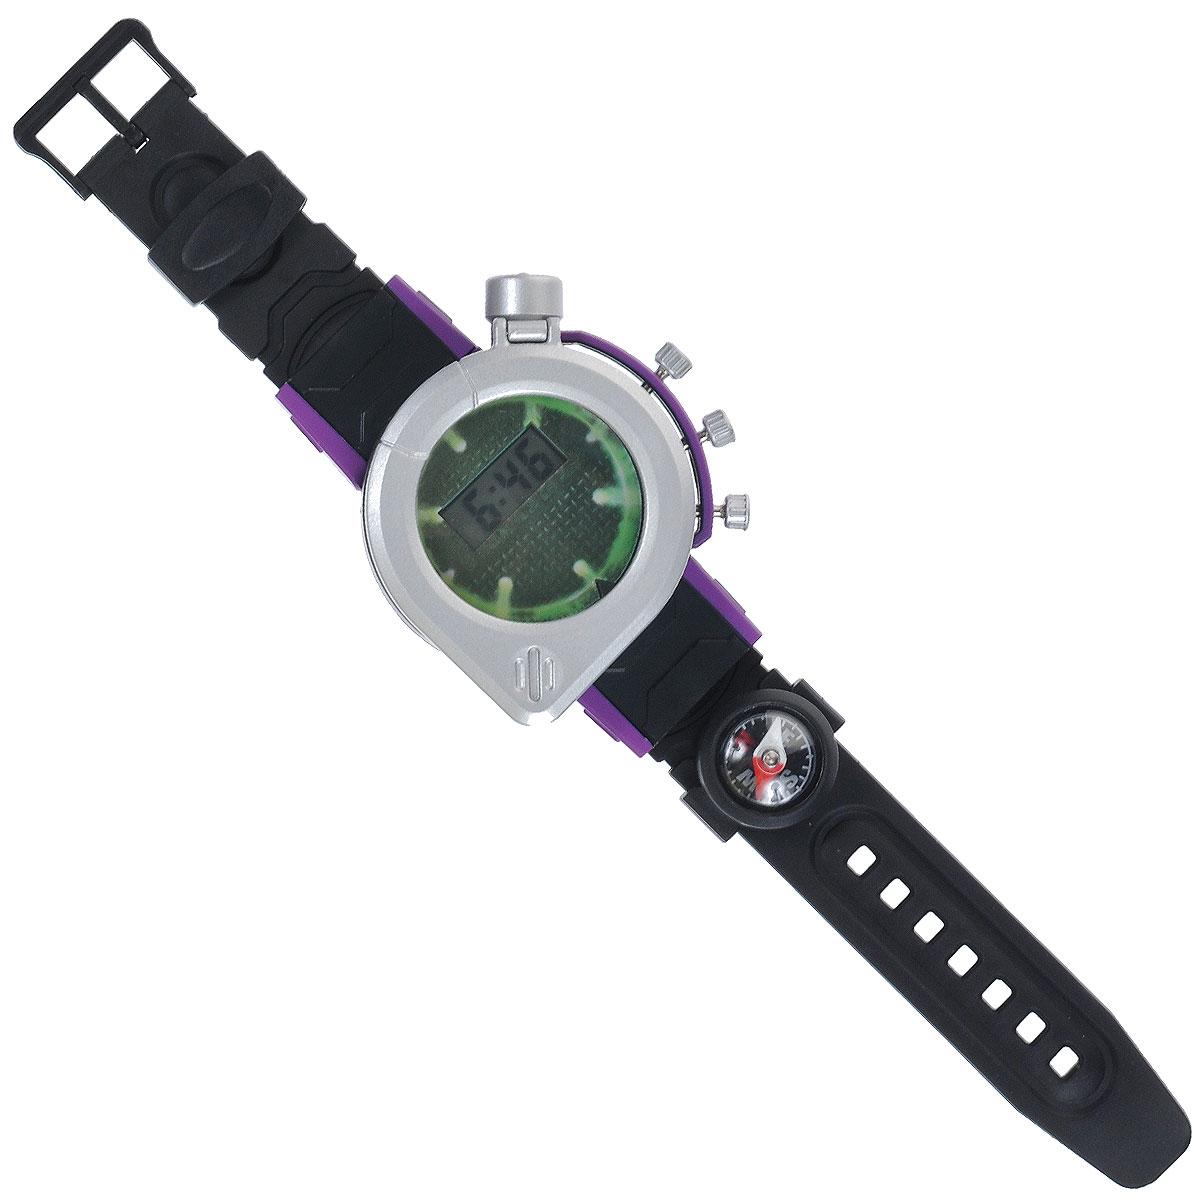 Игрушка Turtles Шпионские часы, цвет: черный, серебристый9822Игрушка Turtles Шпионские часы непременно понравится вашему маленькому непоседе. Цифровые часы выполнены из безопасного пластика, оснащены дисплеем с защитным экраном-лупой и тремя кнопками и имеют стильный дизайн. С ними ваш ребенок всегда будет знать точные время и дату, а также сможет воспользоваться встроенным фонариком и компасом. Ремешок часов регулируется и имеет отсек для хранения микро-карты памяти или бумажного сообщения. В комплект входит инструкция по эксплуатации на русском языке. Порадуйте своего ребенка таким замечательным подарком! Рекомендуется докупить 2 батарейки мощностью 1,5V типа LR41/AG3 (товар комплектуется демонстрационными).